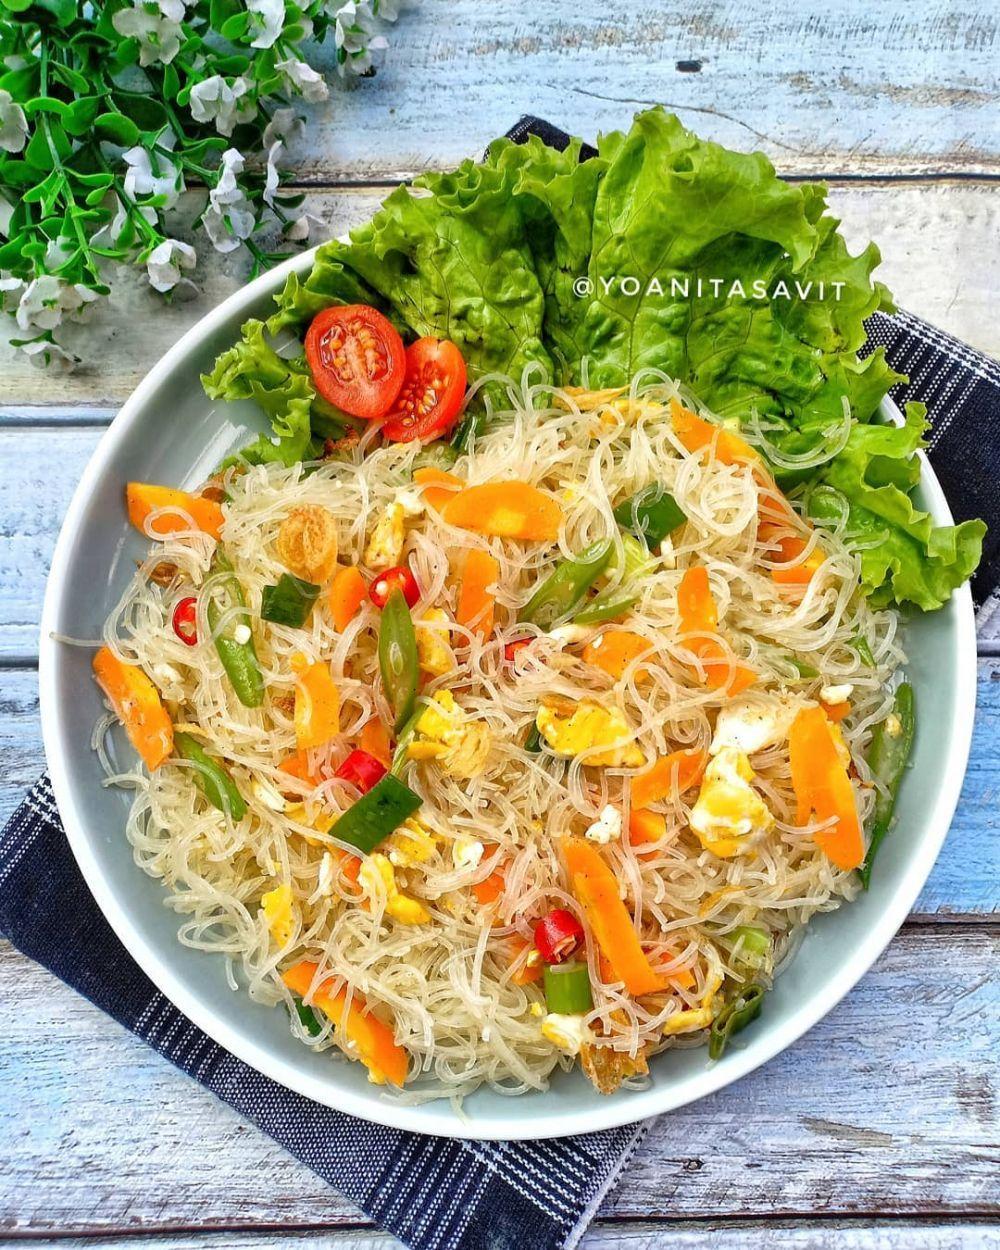 Resep Bihun Goreng C 2020 Brilio Net Instagram Yoanitasavit Instagram Purtirenkganis Resep Masakan Masakan Resep